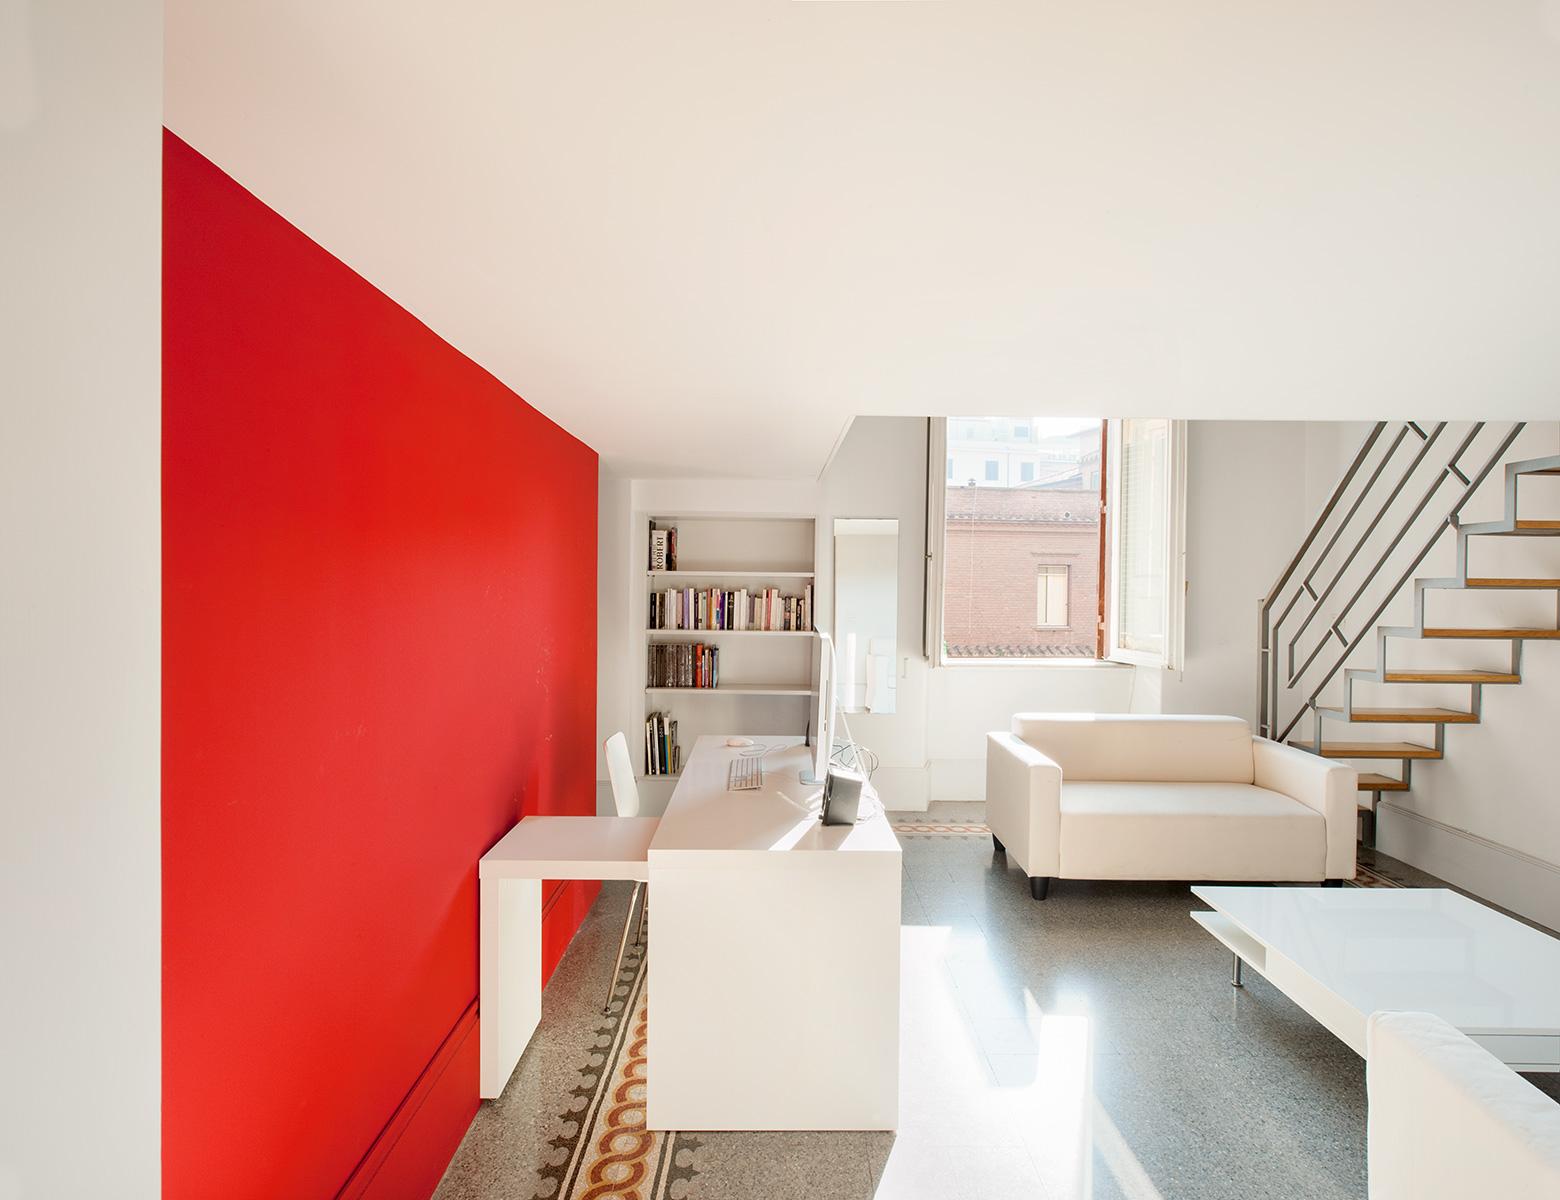 Lozzi realizza per il progetto residenziale dello studio Leonori Architetti